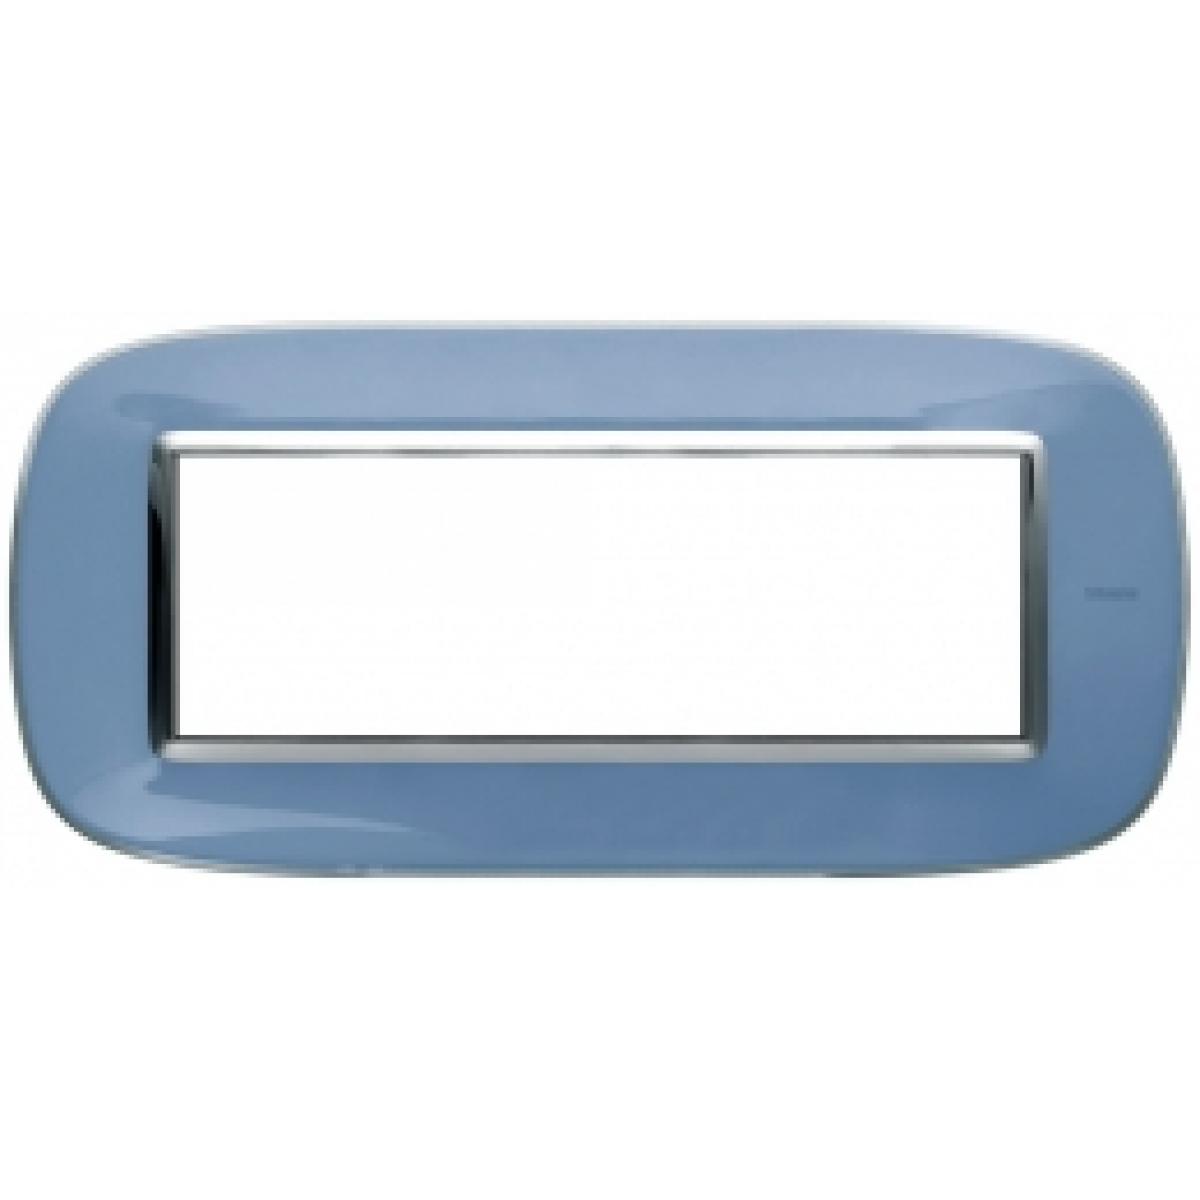 Placca Ovale 6 Posti Bticino Axolute Azzurro Liquido HB4806DZ